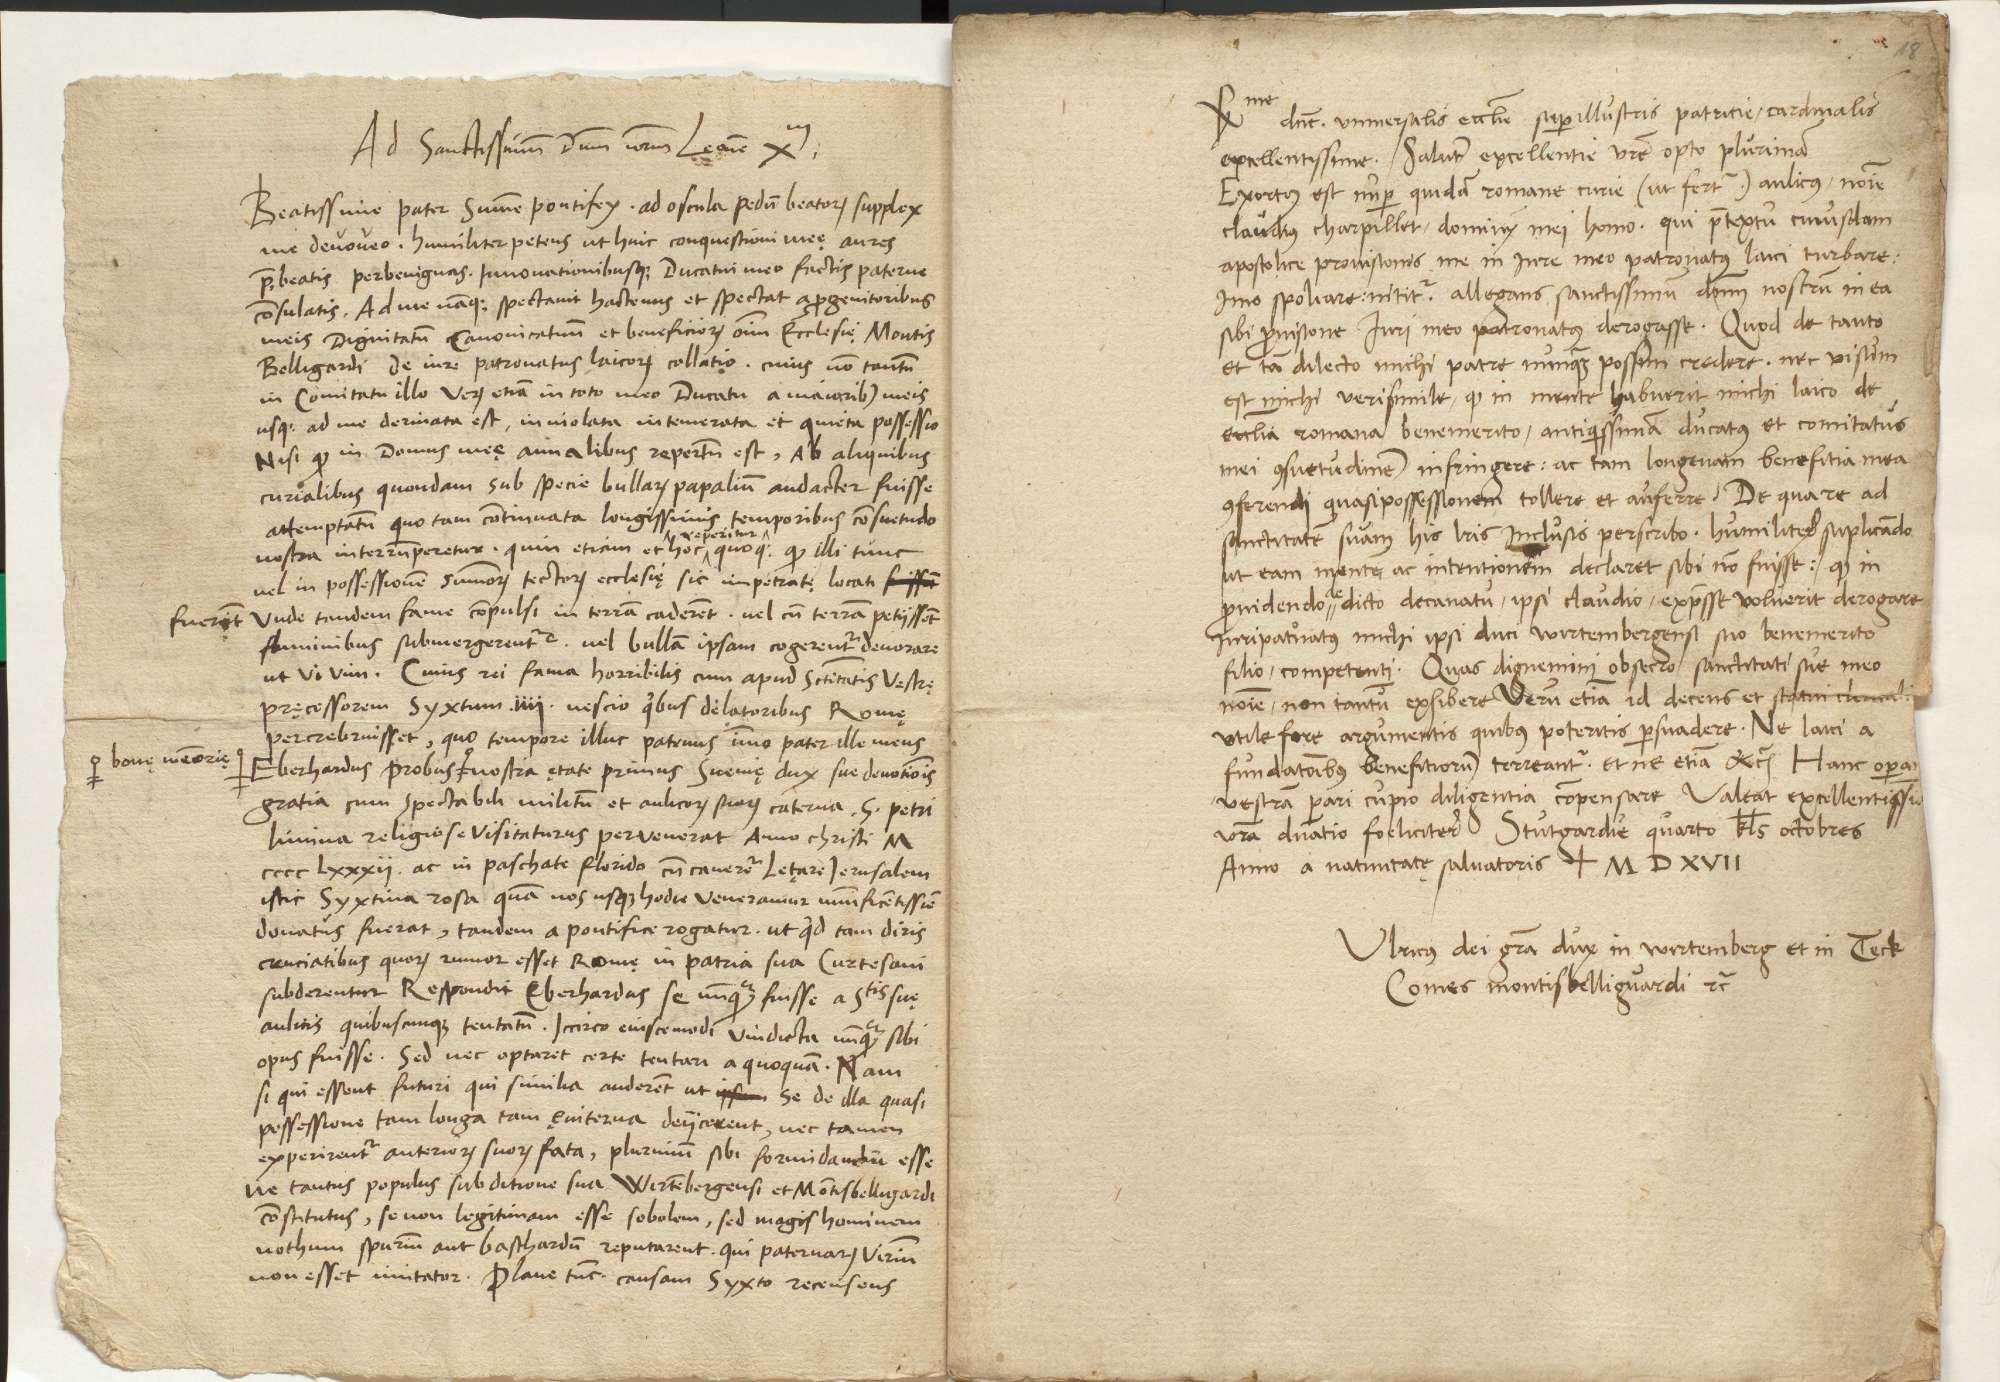 Auseinandersetzung mit Dietrich Späth, Auseinandersetzung um Patronatsrechte mit Papst Leo X, Bild 3